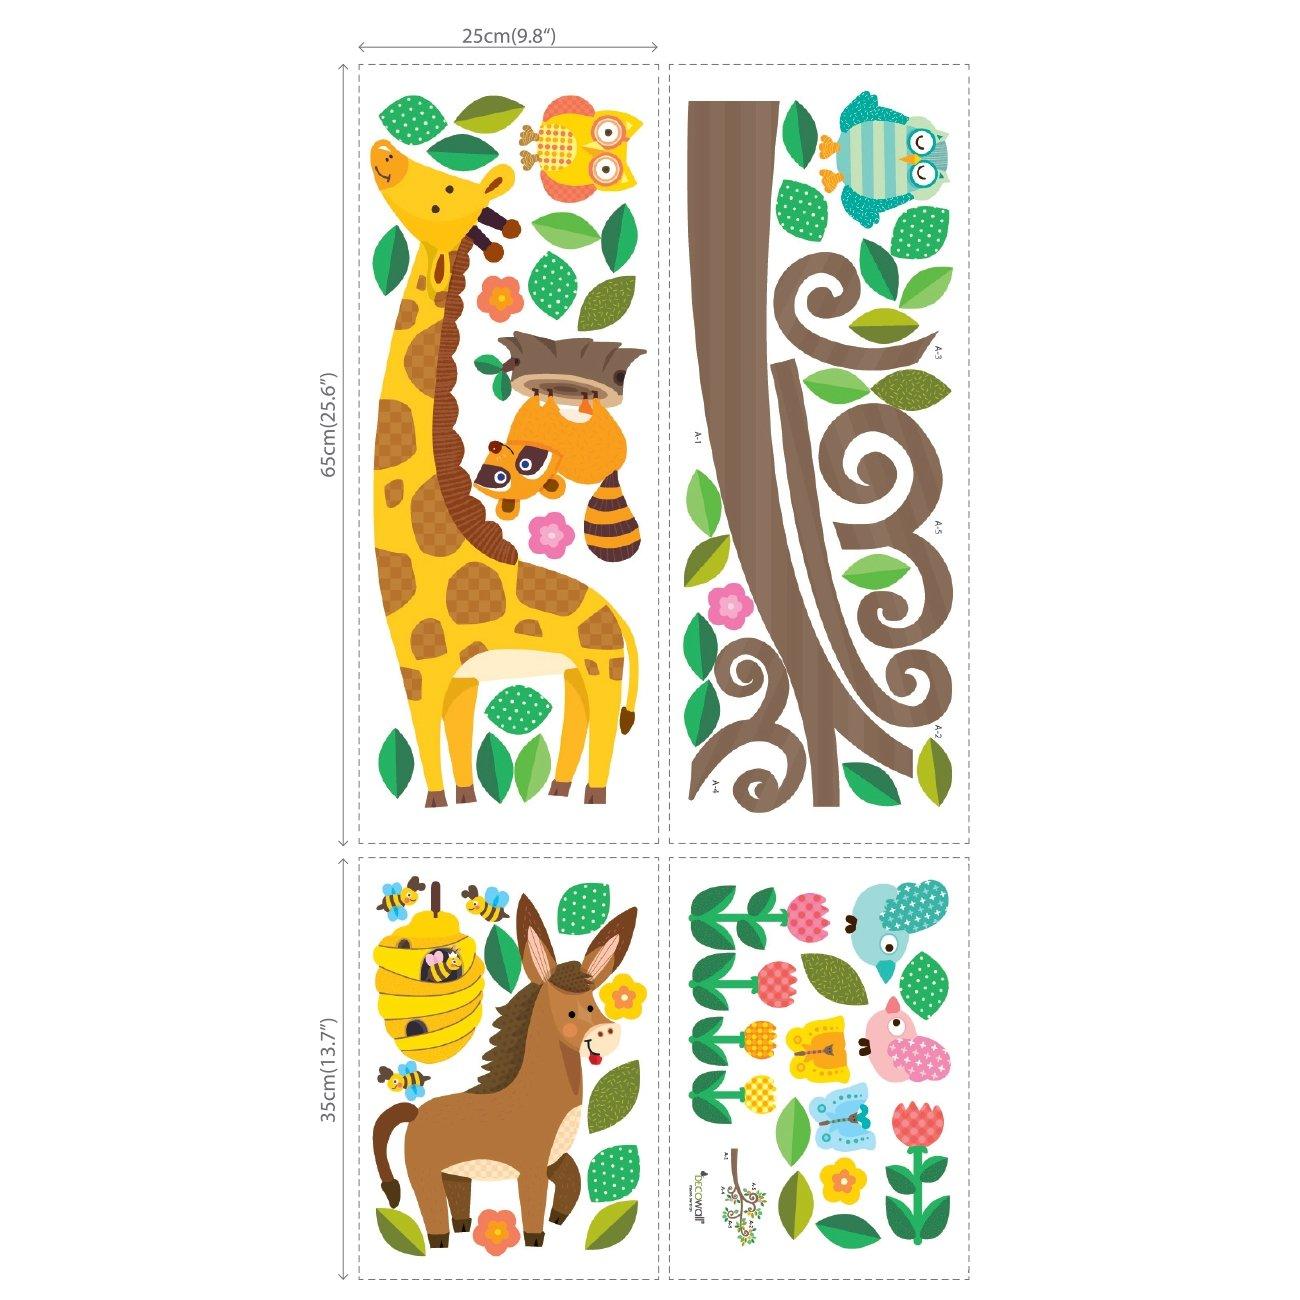 DECOWALL DW-1512N Ramas de Tronco y Animales Vinilo Pegatinas Decorativas Adhesiva Pared Dormitorio Sal/ón Guarder/ía Habitaci/ón Infantiles Ni/ños Beb/és